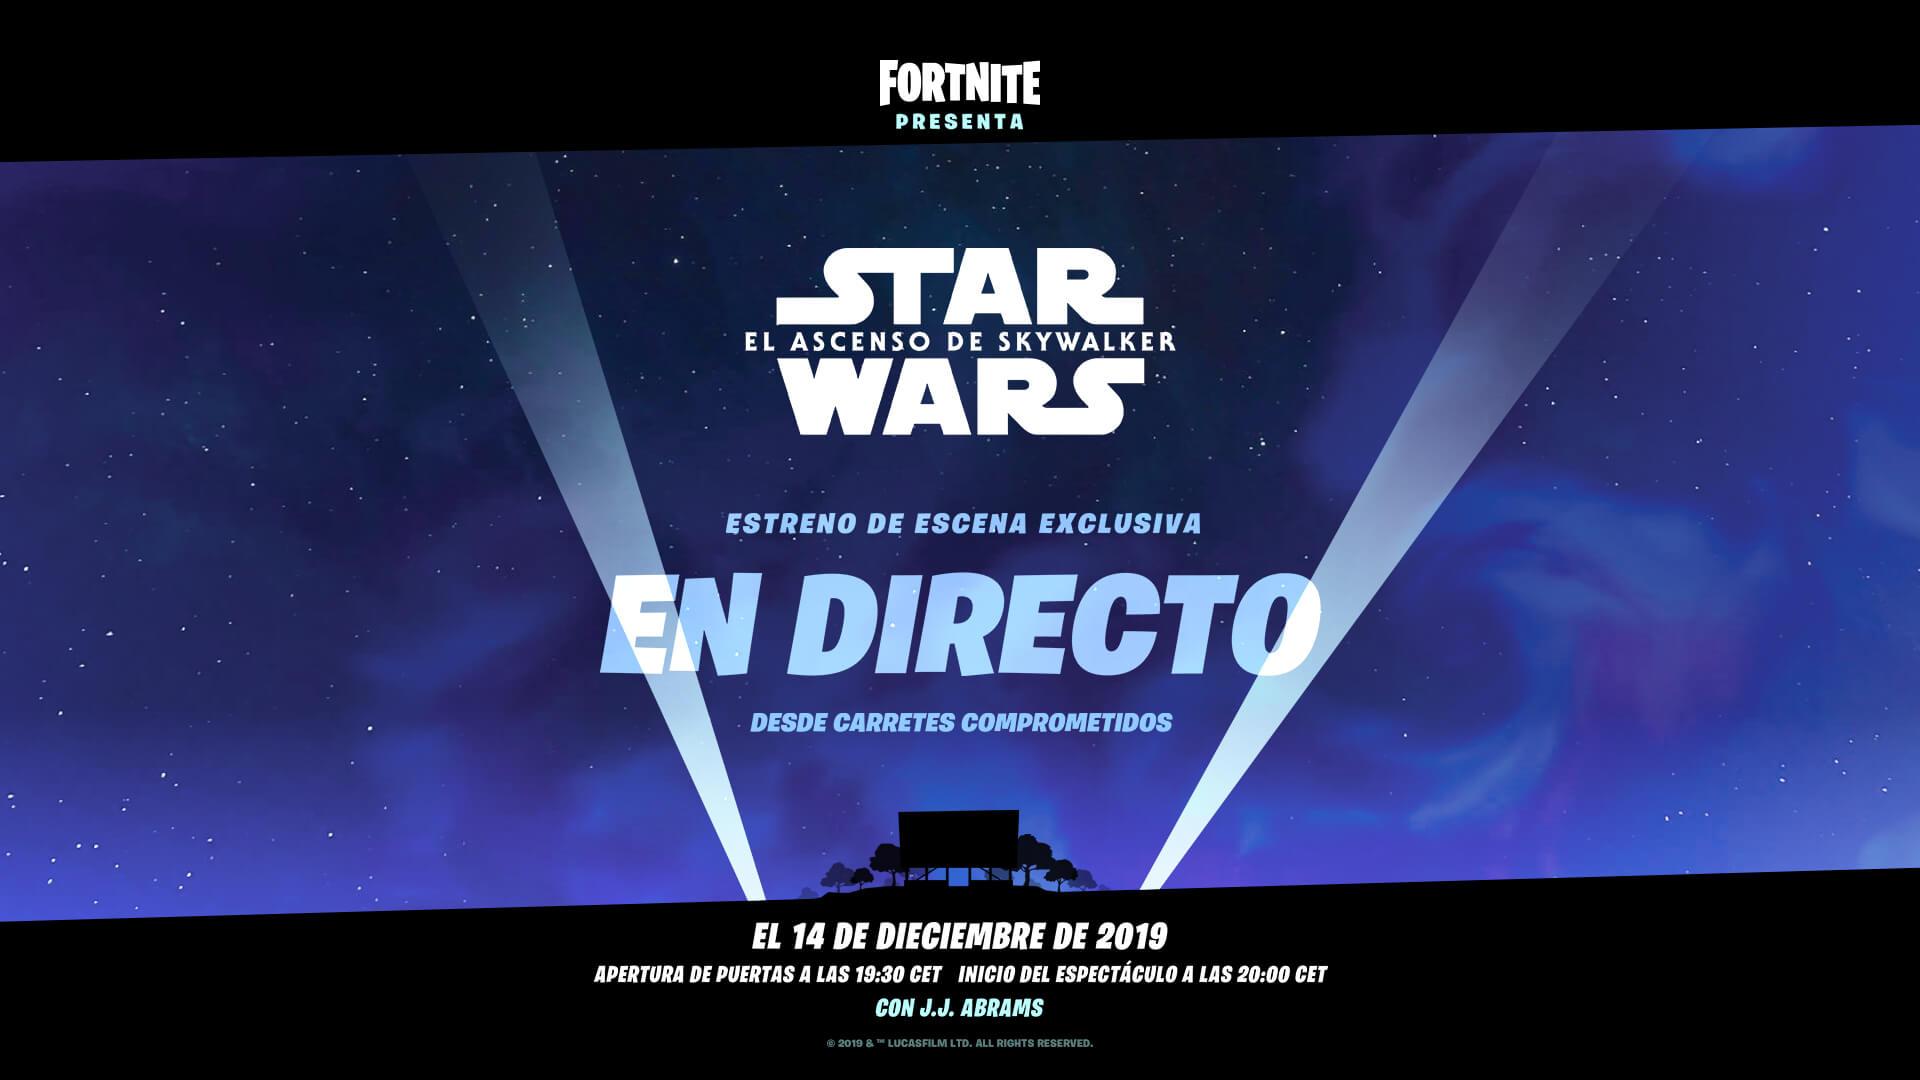 Epic Games amenaza a los filtradores para que no destripen el evento de Star Wars de Fortnite